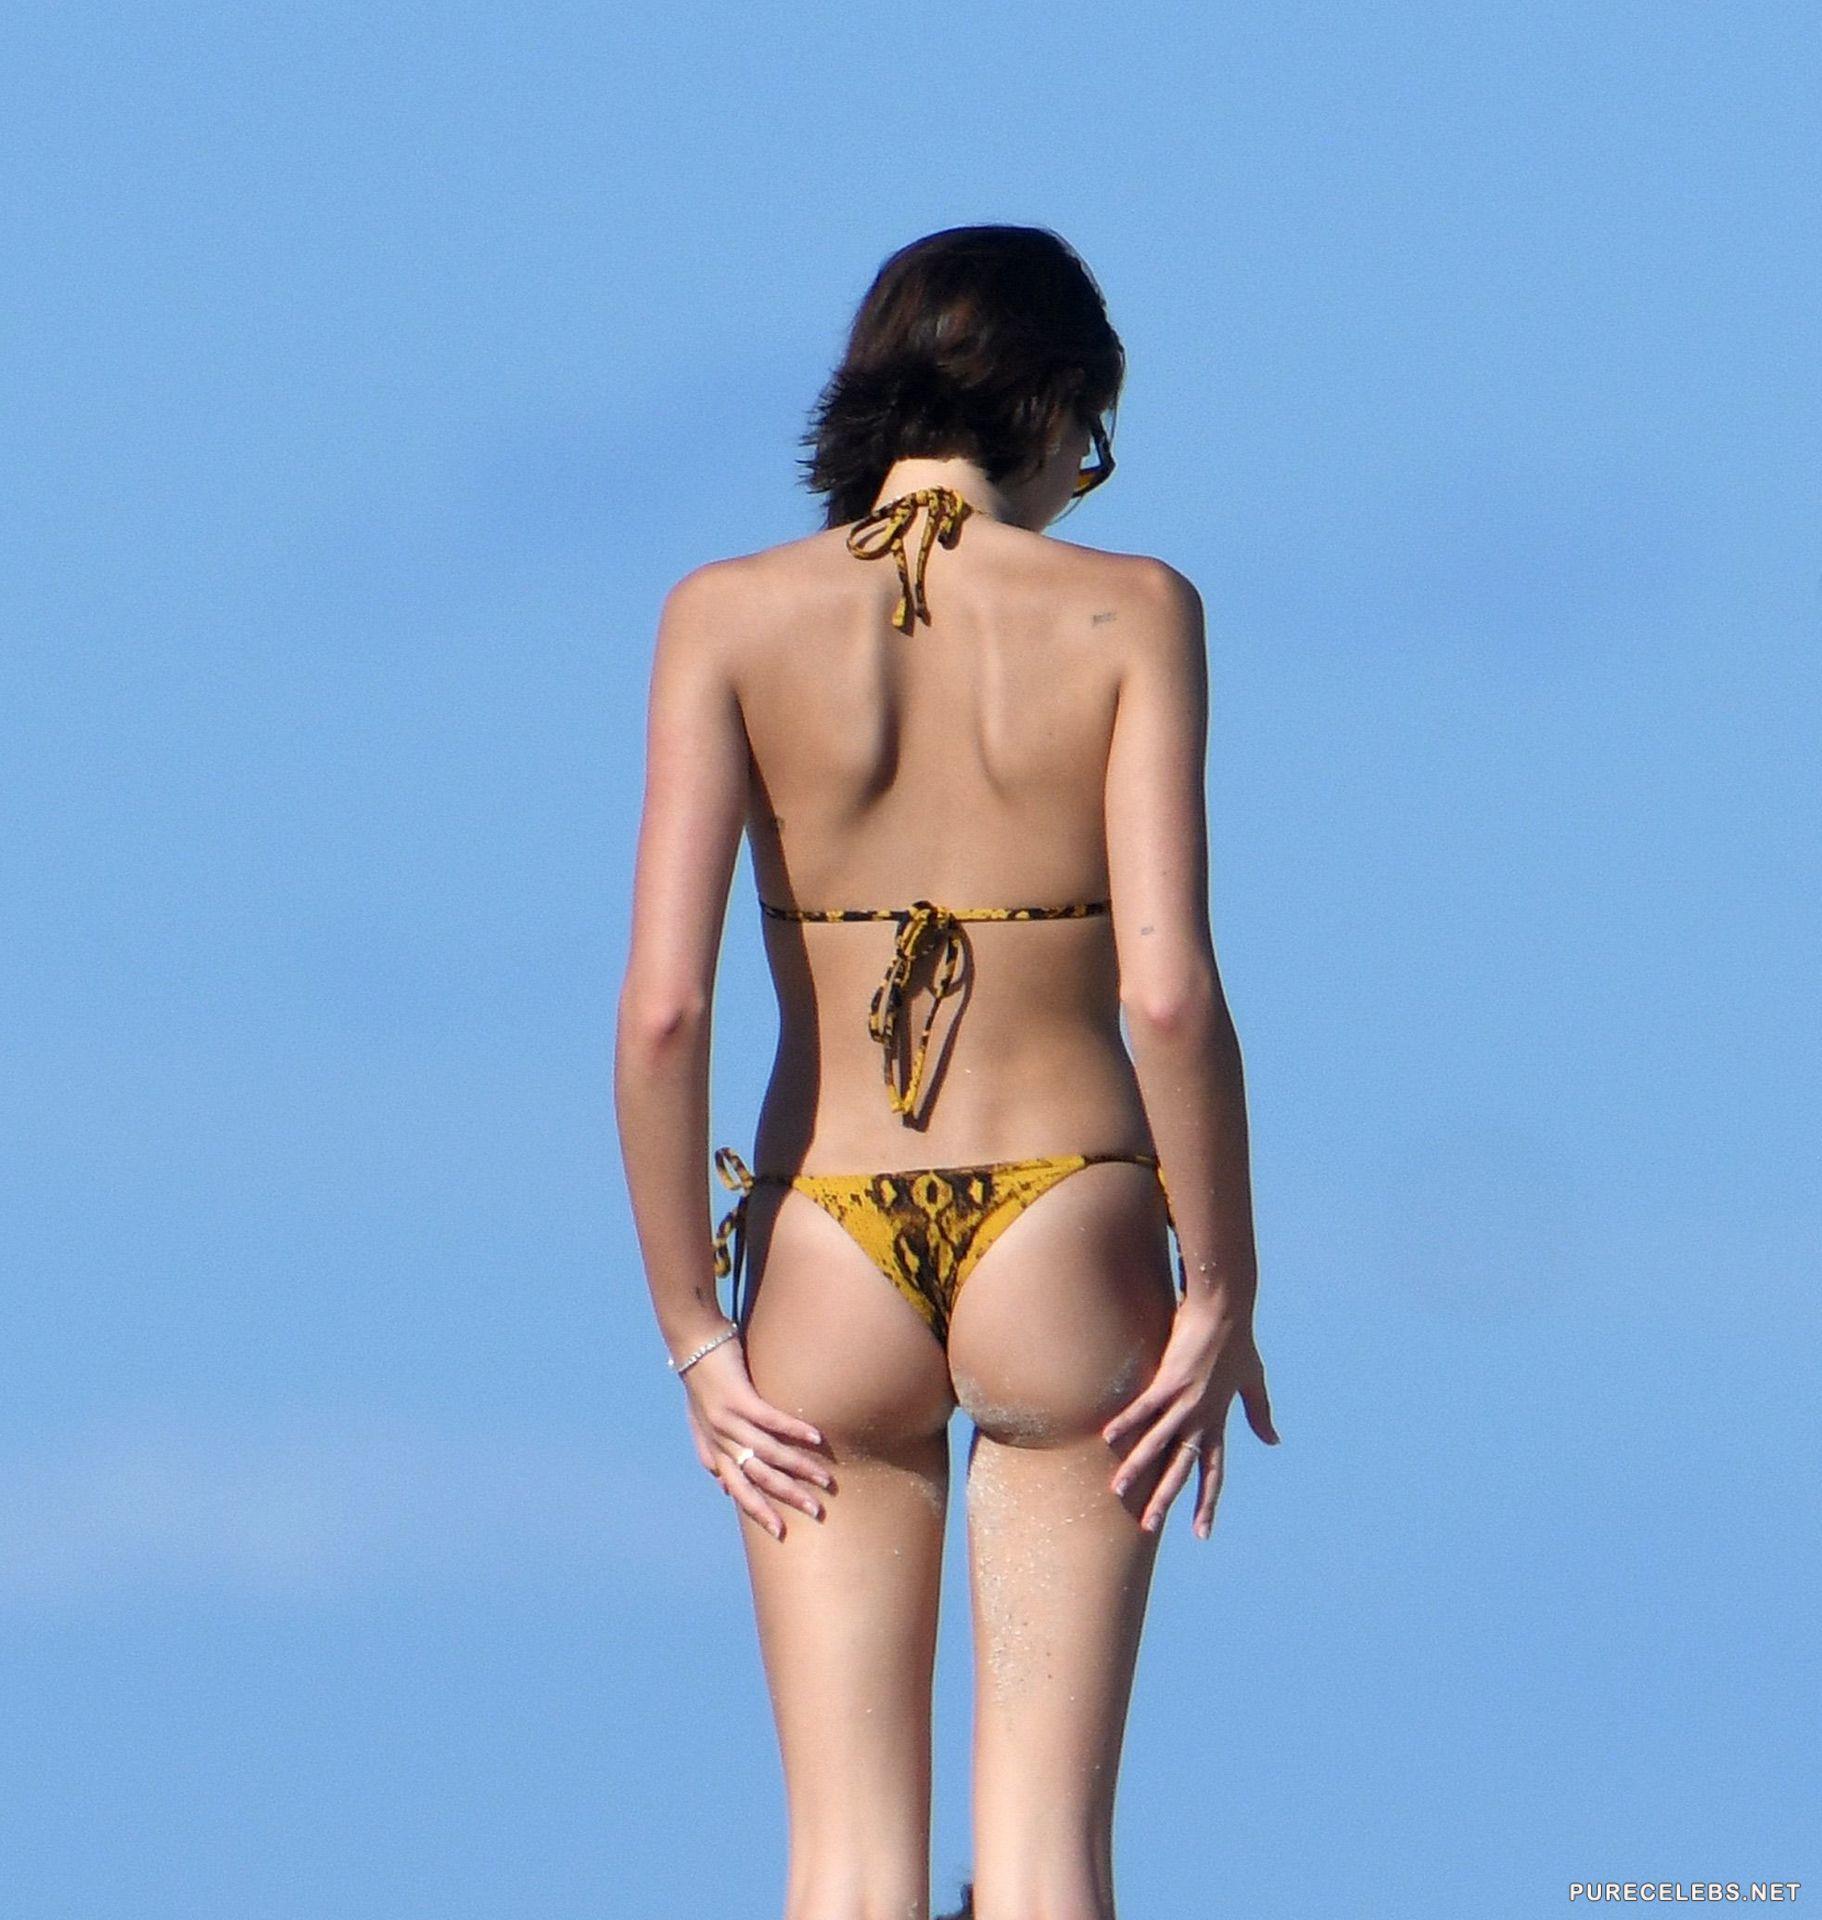 Naked kaia gerber 17 Pics